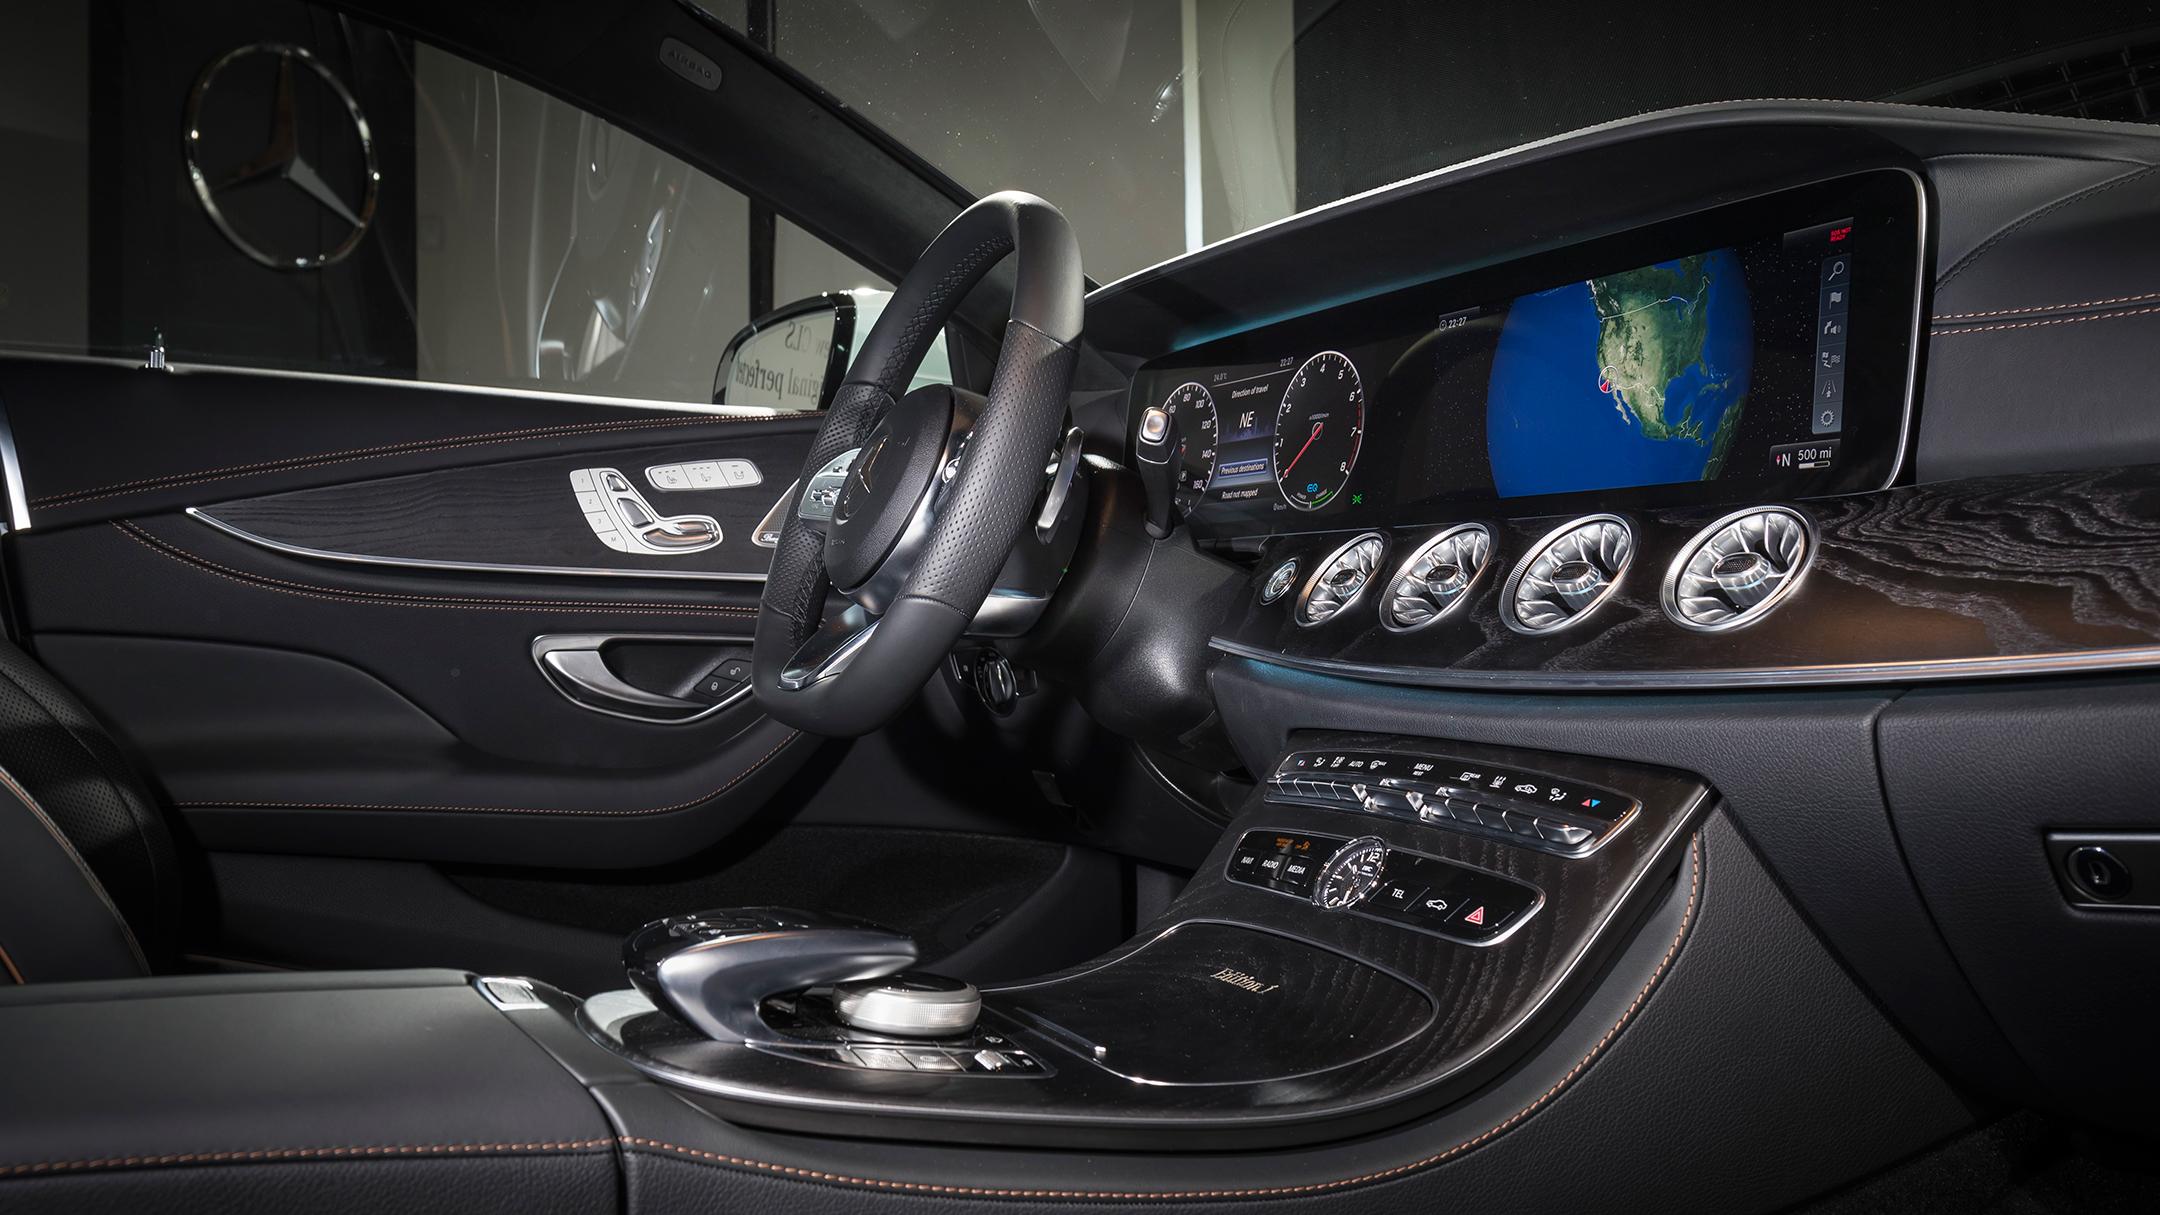 Mercedes-Benz - CLS - 2018 - interior preview - 2017 LA Auto Show